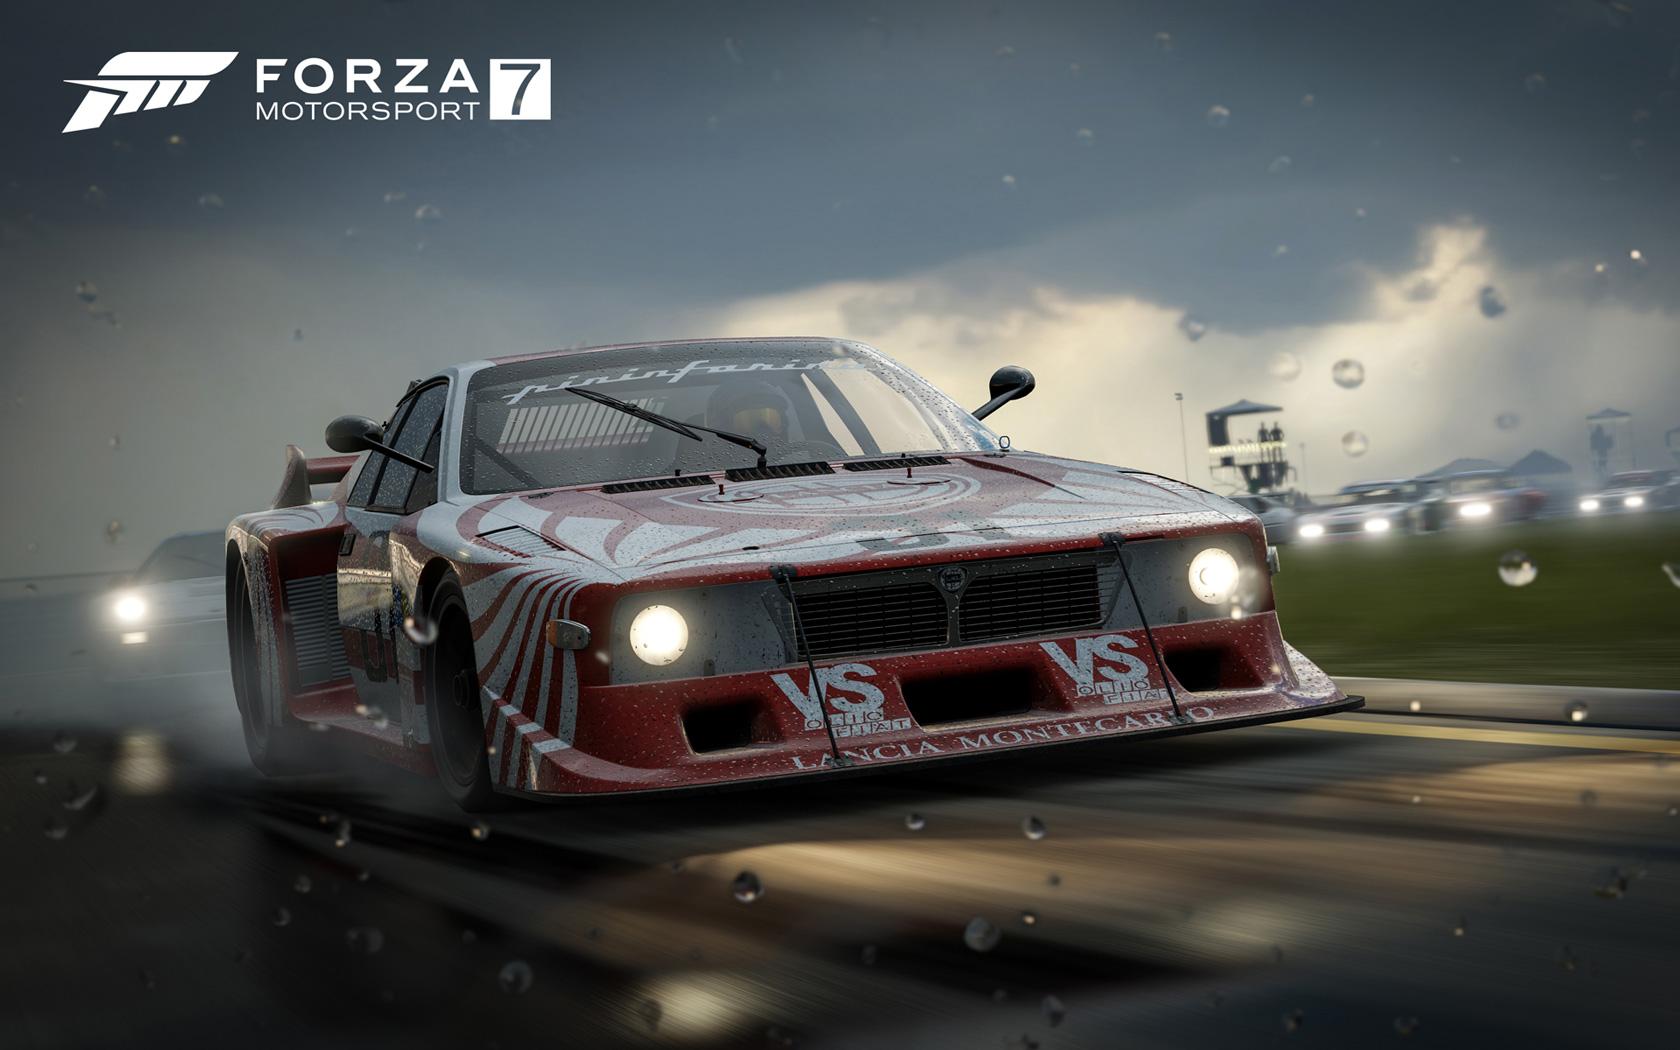 Forza Motorsport 7 Wallpaper in 1680x1050